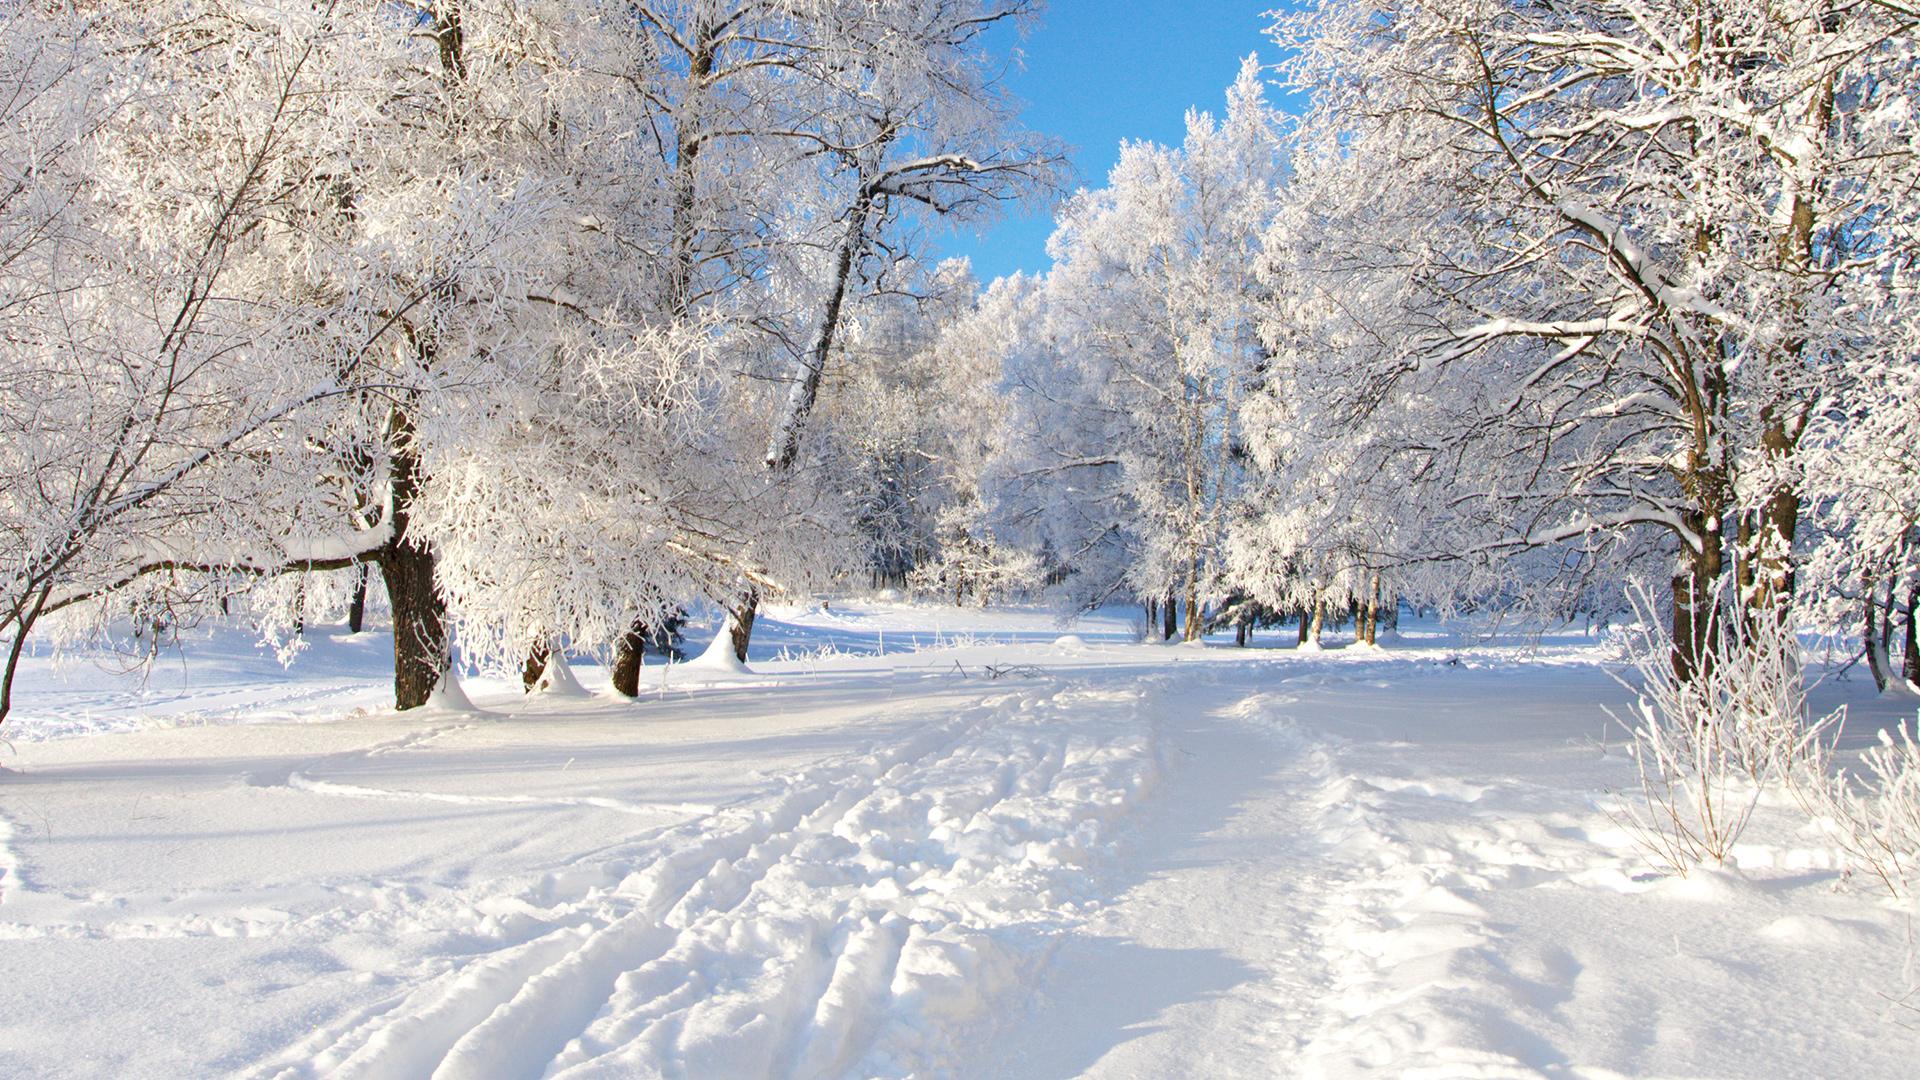 красивые обои для рабочего стола во весь экран зима № 208968 бесплатно